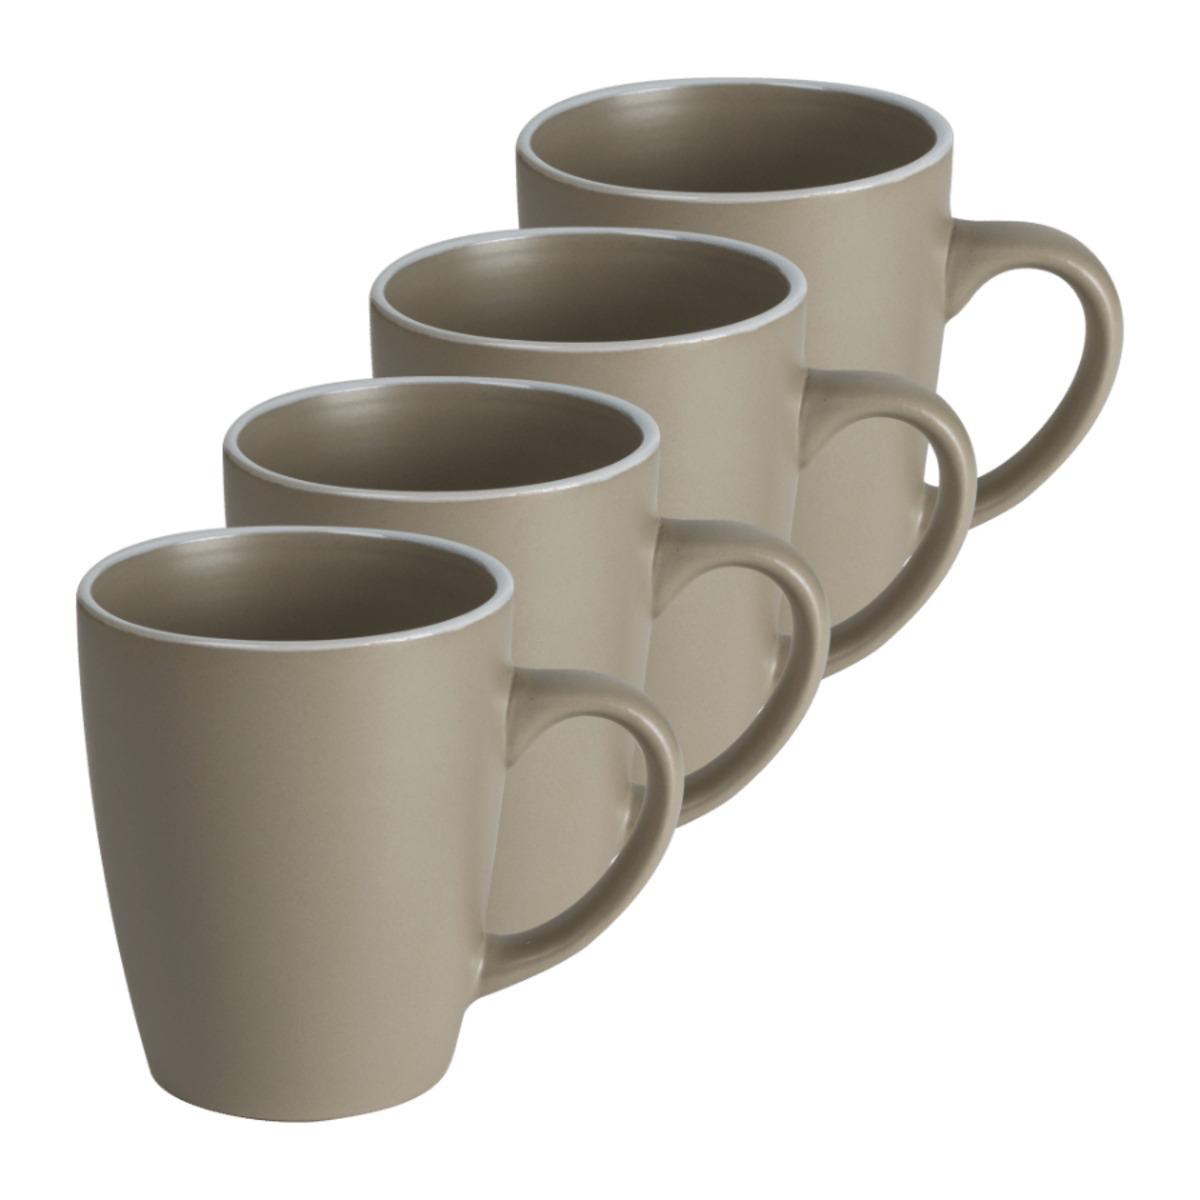 Bild 5 von HOME CREATION     Kaffeetassen / -becher